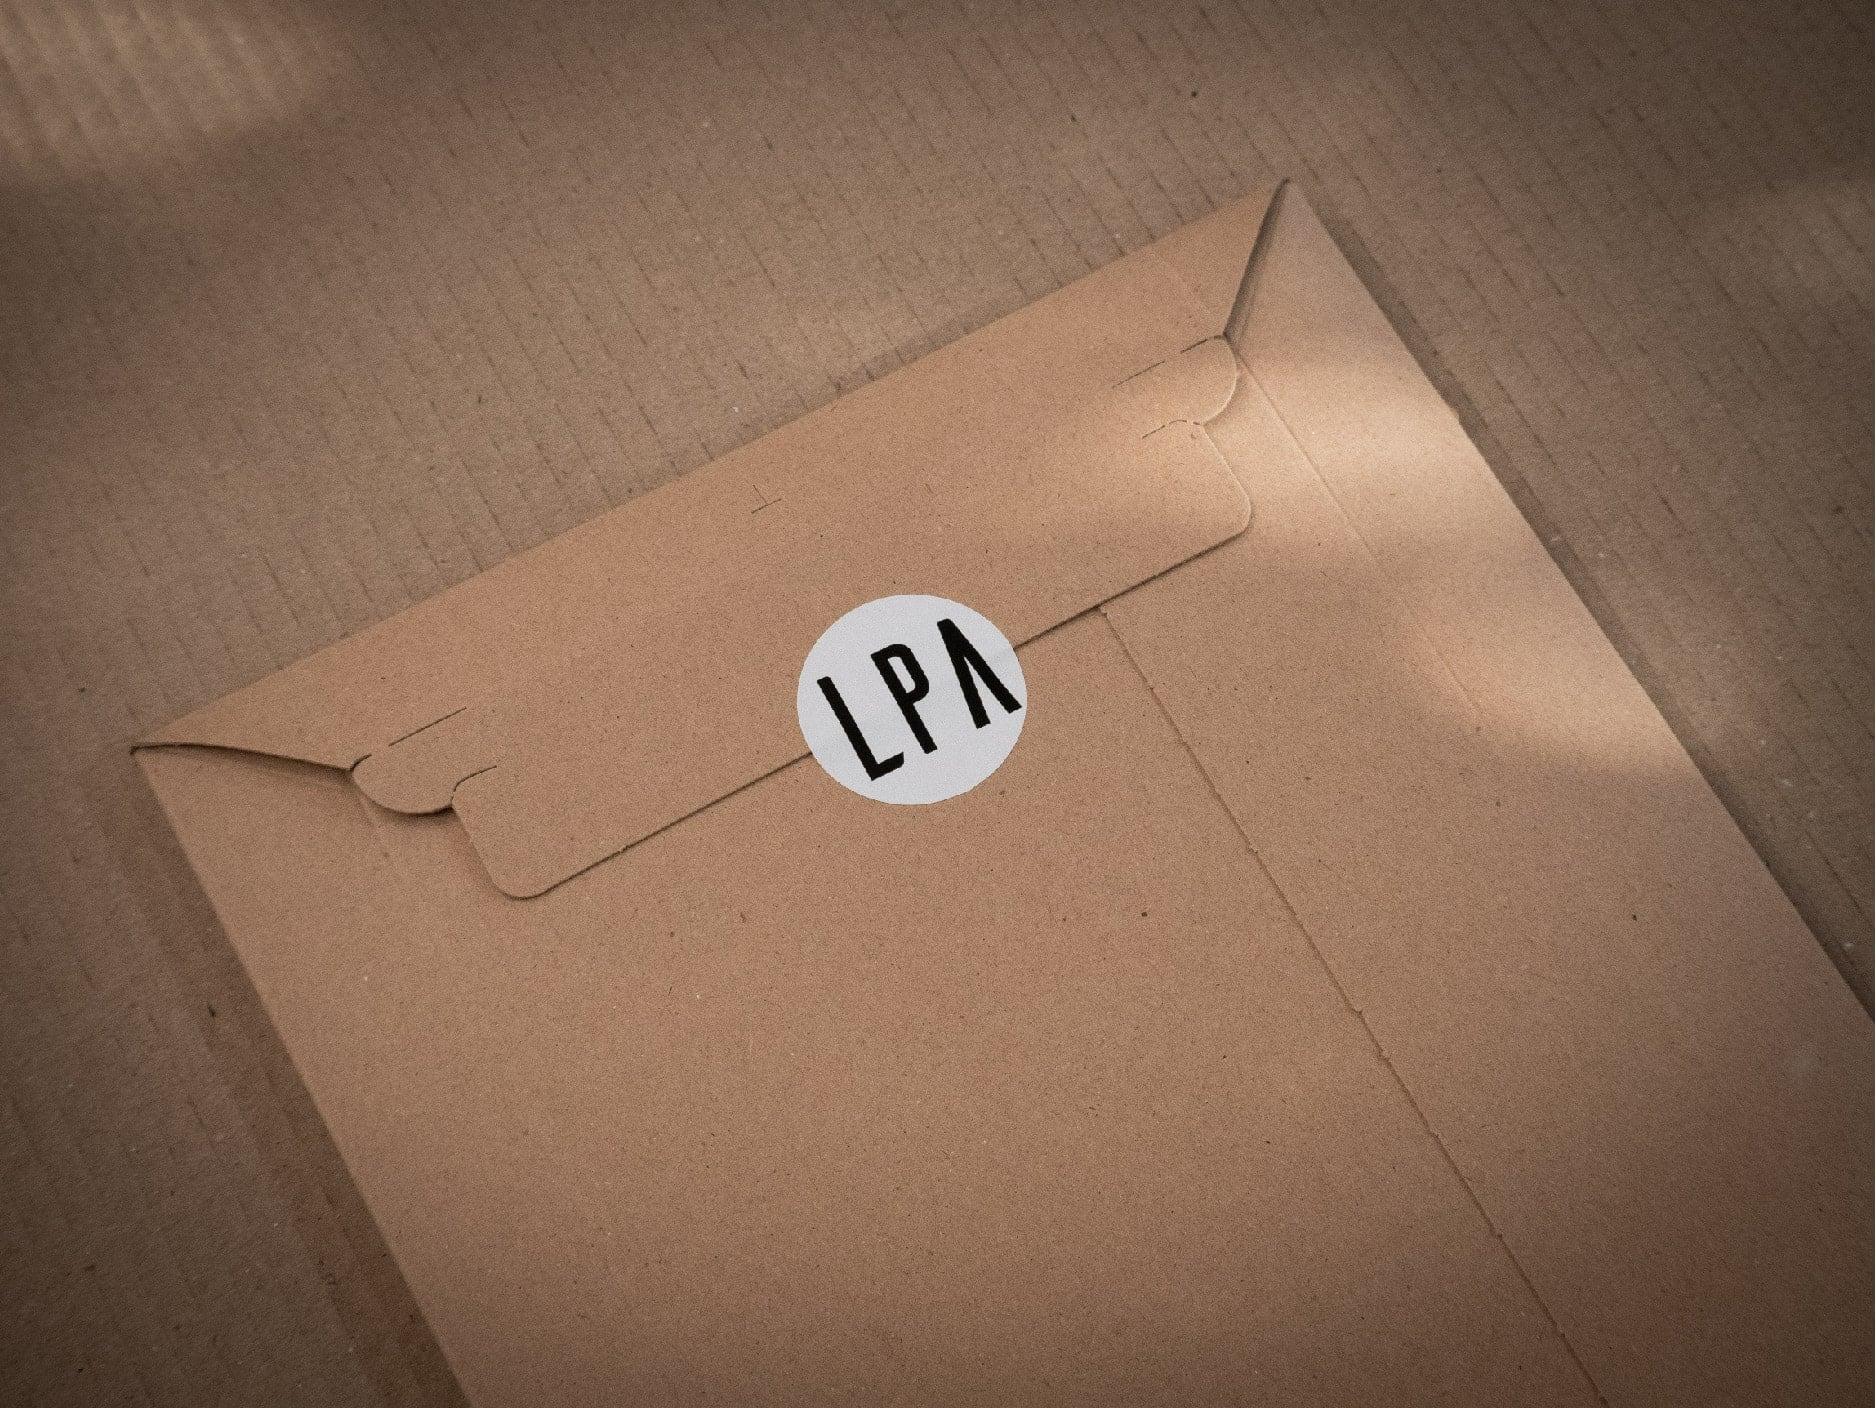 enveloppe écoresponsable recyclée les petits aviateurs emballage responsable